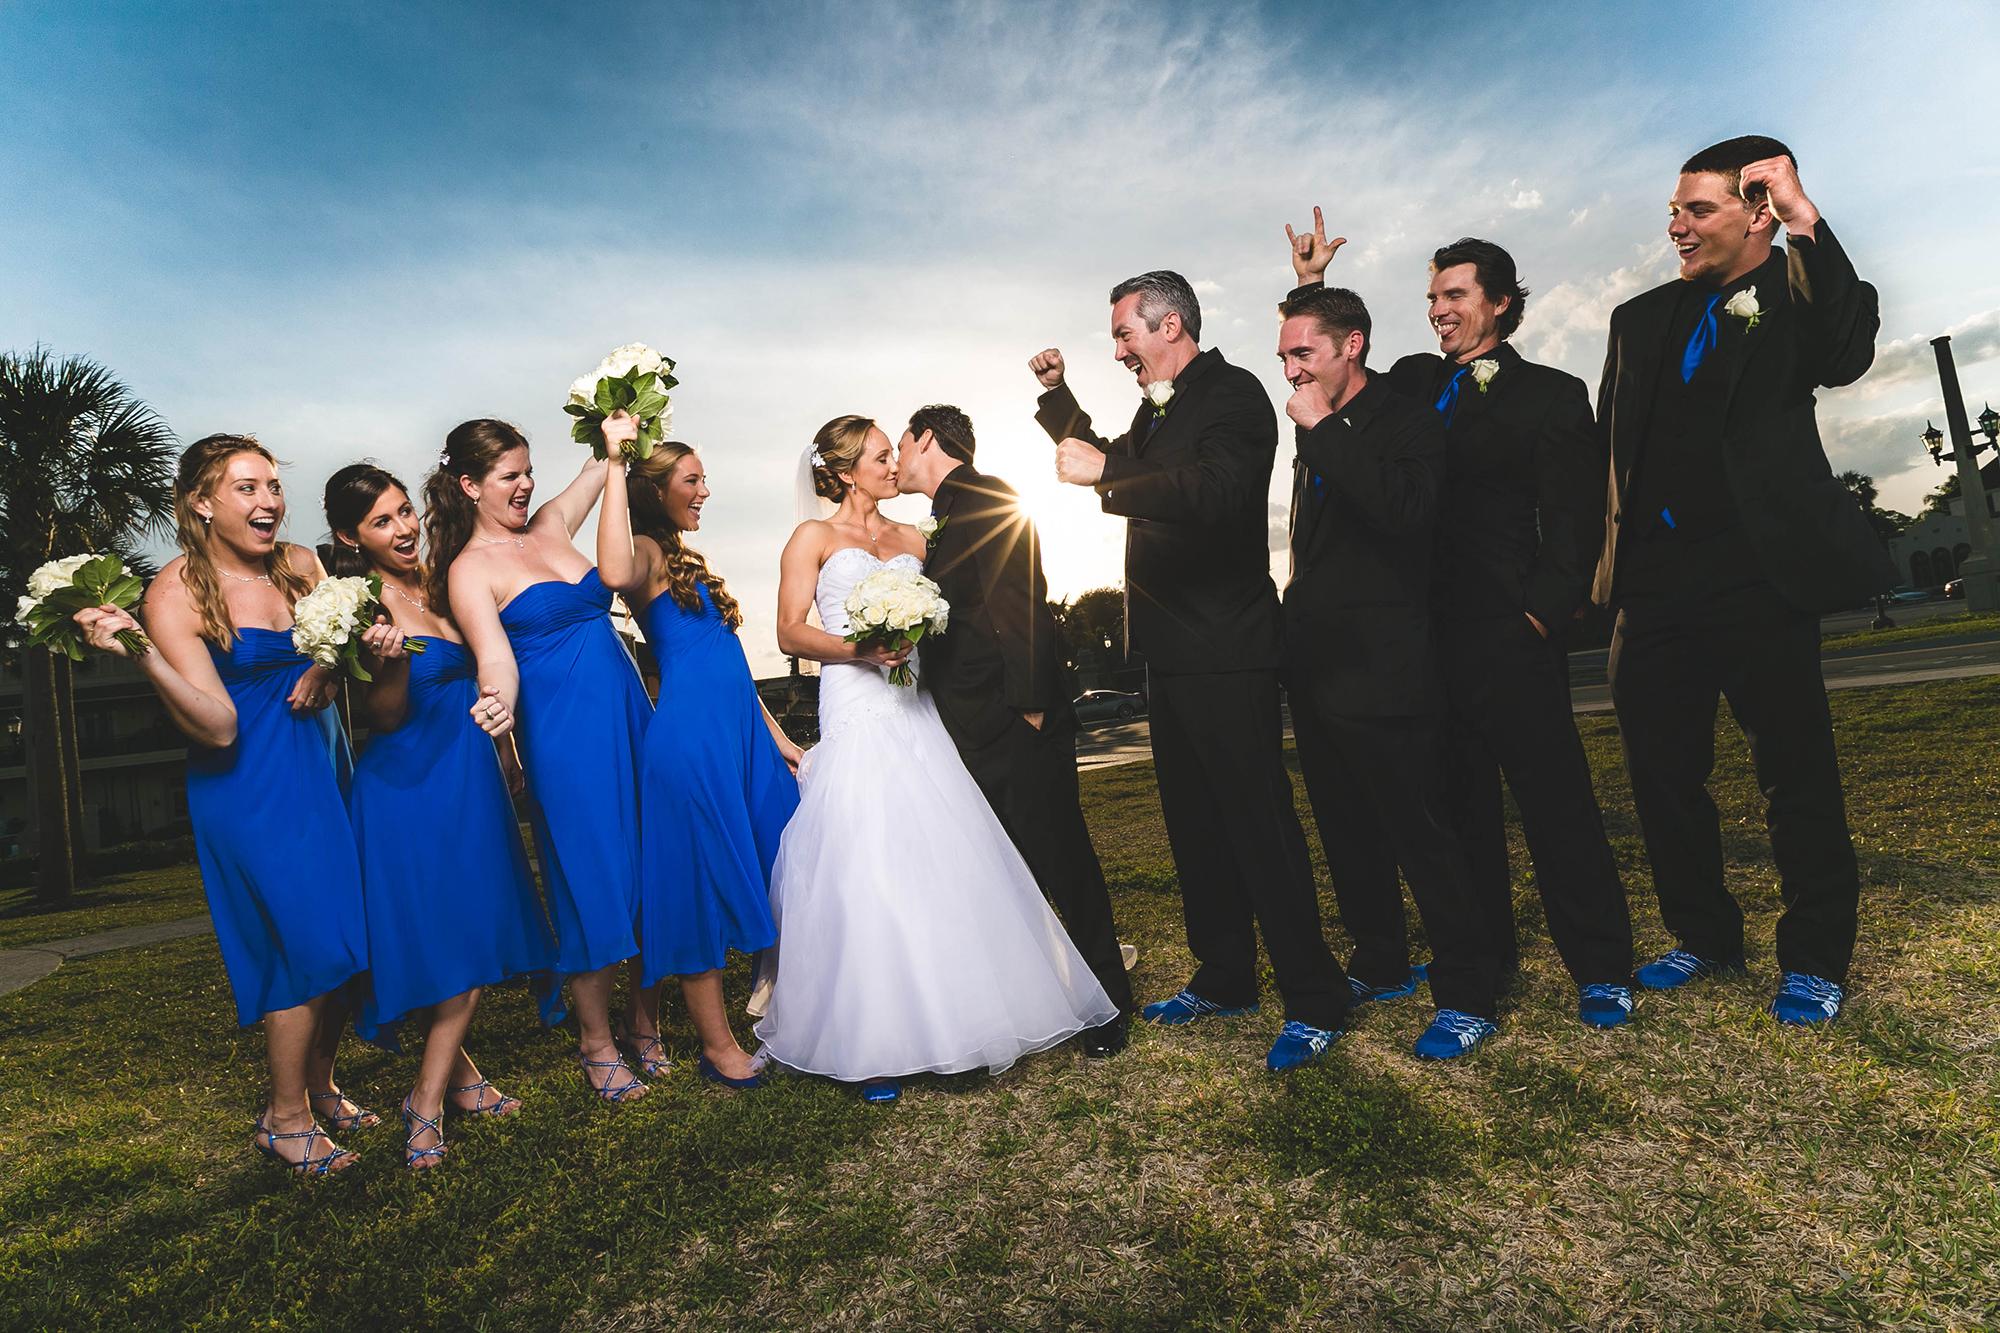 adam-szarmack-wedding-happy-party.jpg